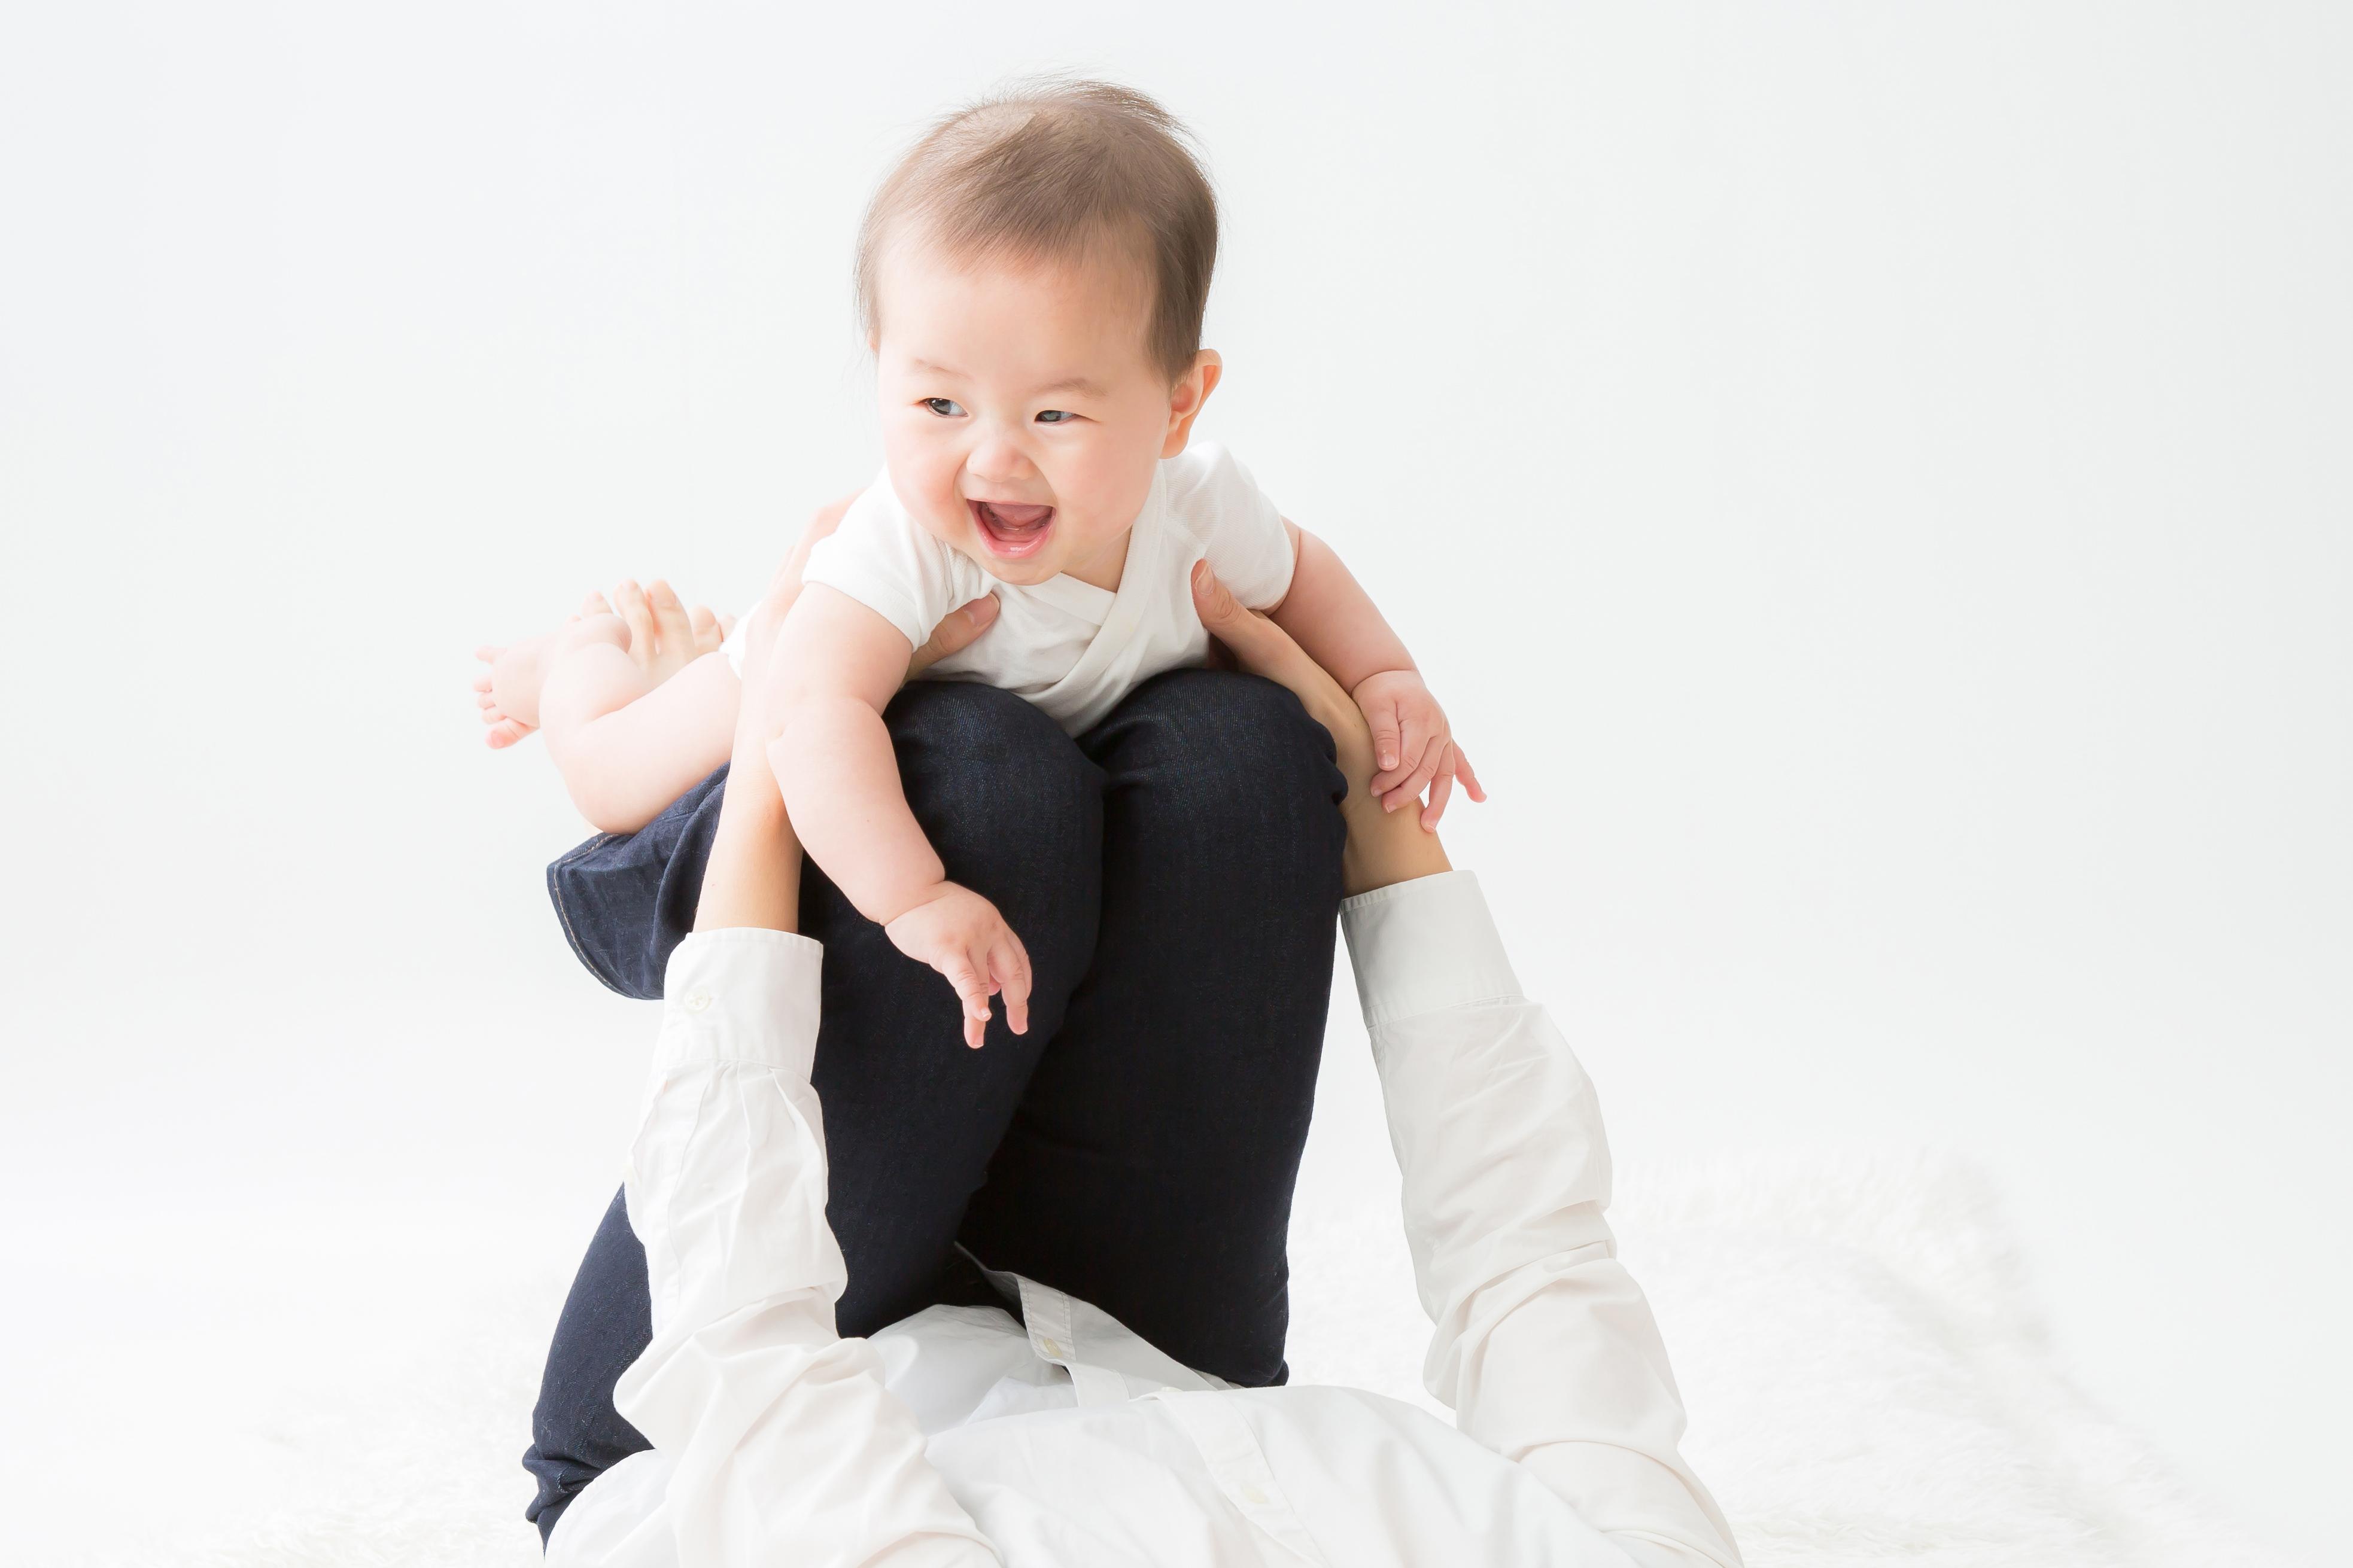 産後の身体に合わせた尿もれ予防を行いましょう